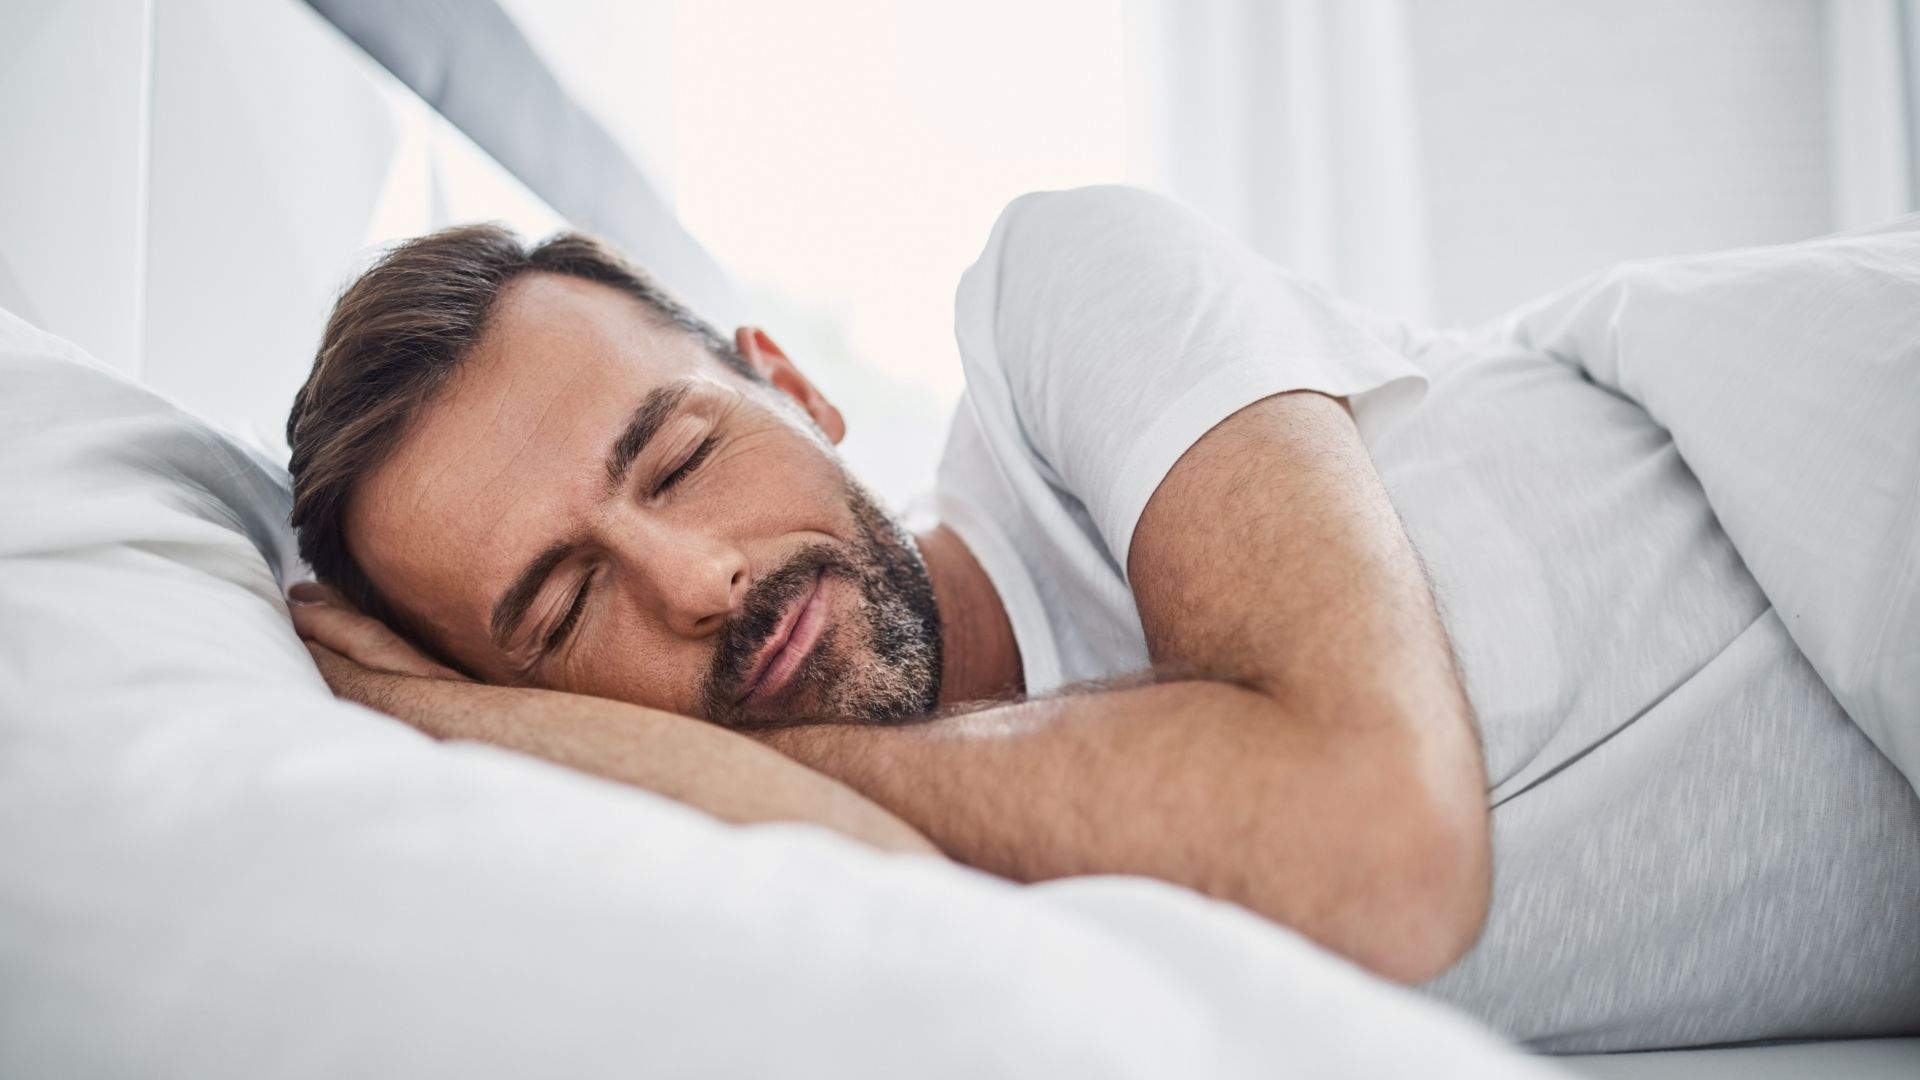 Sleeping course image